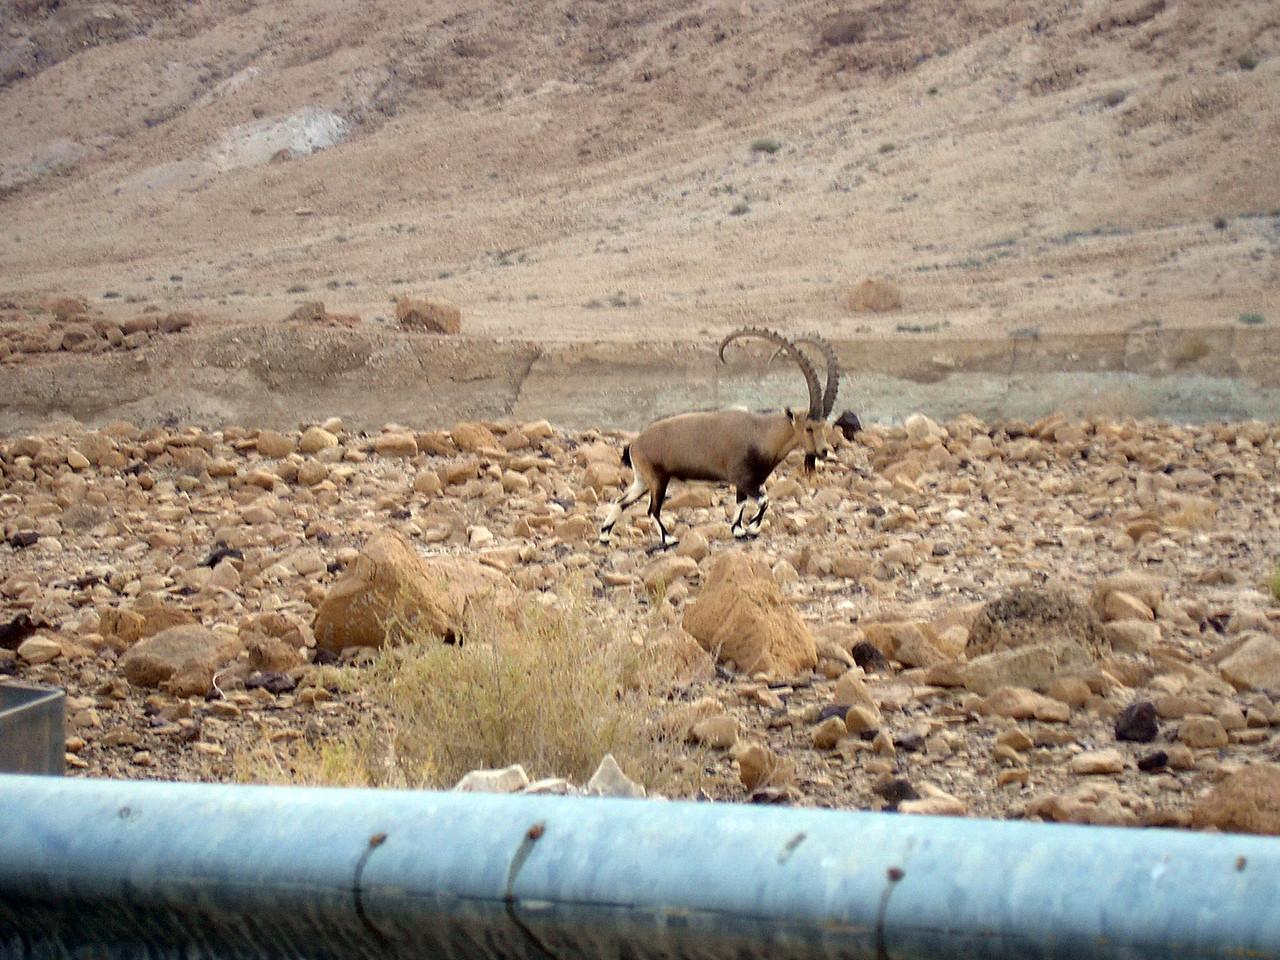 Mountain Goat near a Pipeline